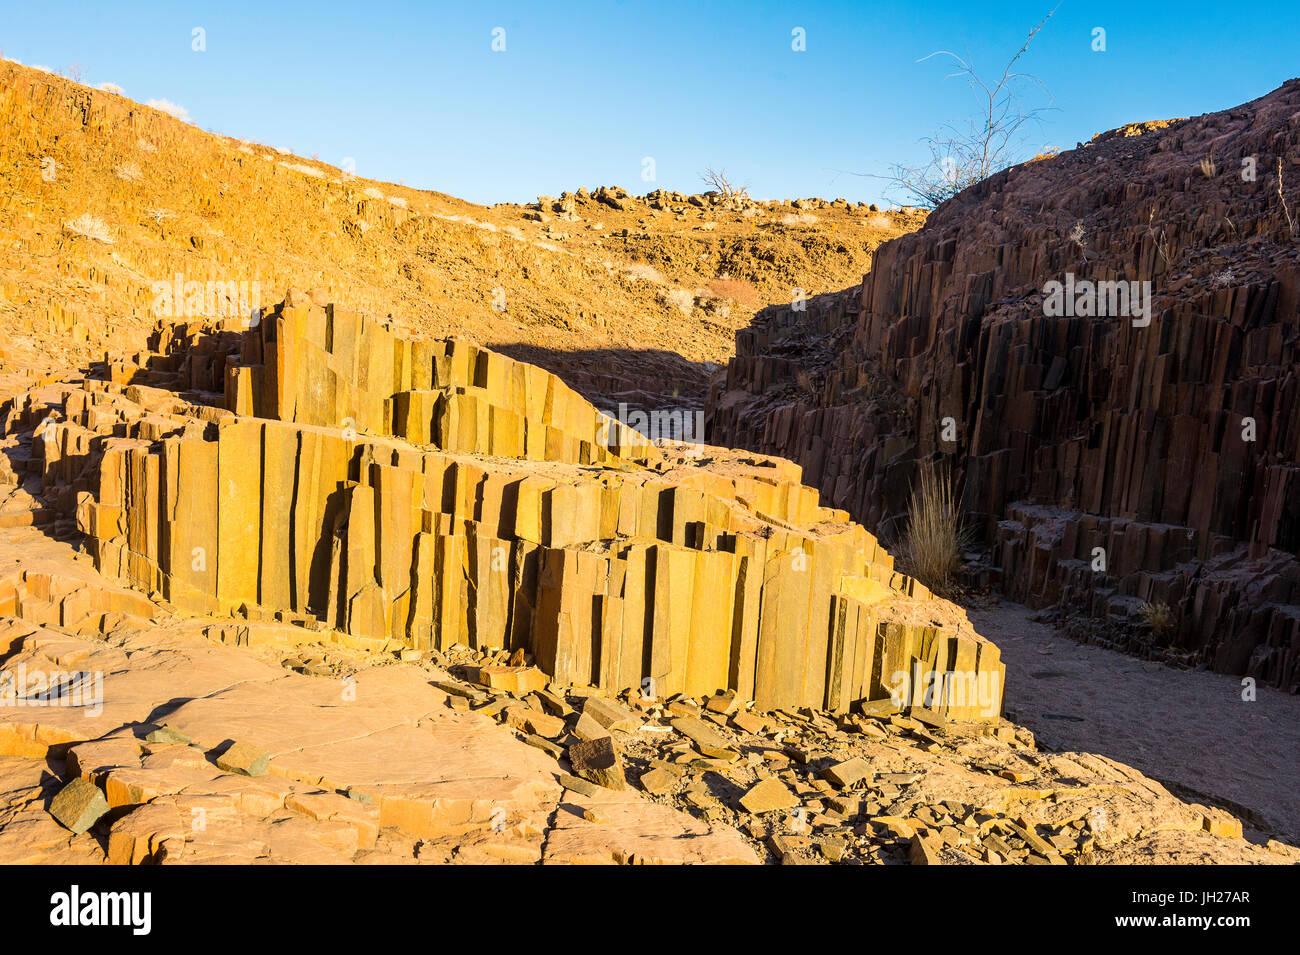 Ungewöhnliche Orgelpfeifen Denkmal, Twyfelfontein, Namibia, Afrika Stockbild